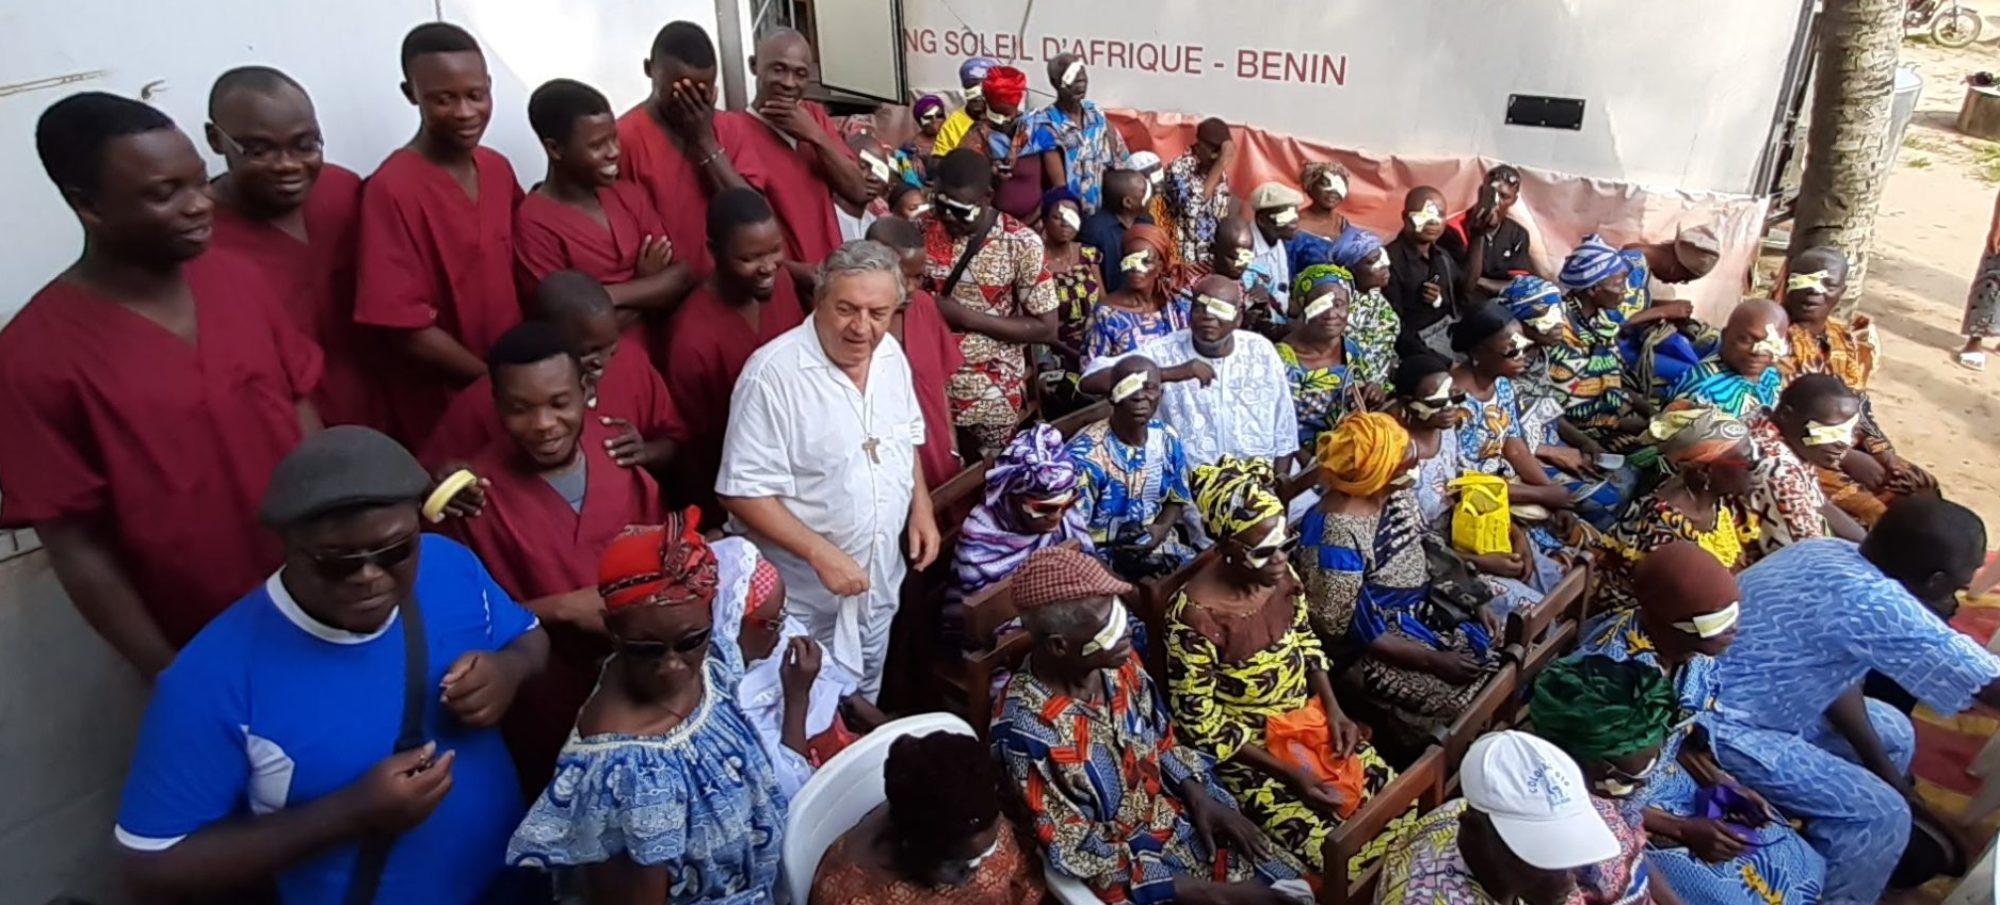 SOLEIL D'AFRIQUE